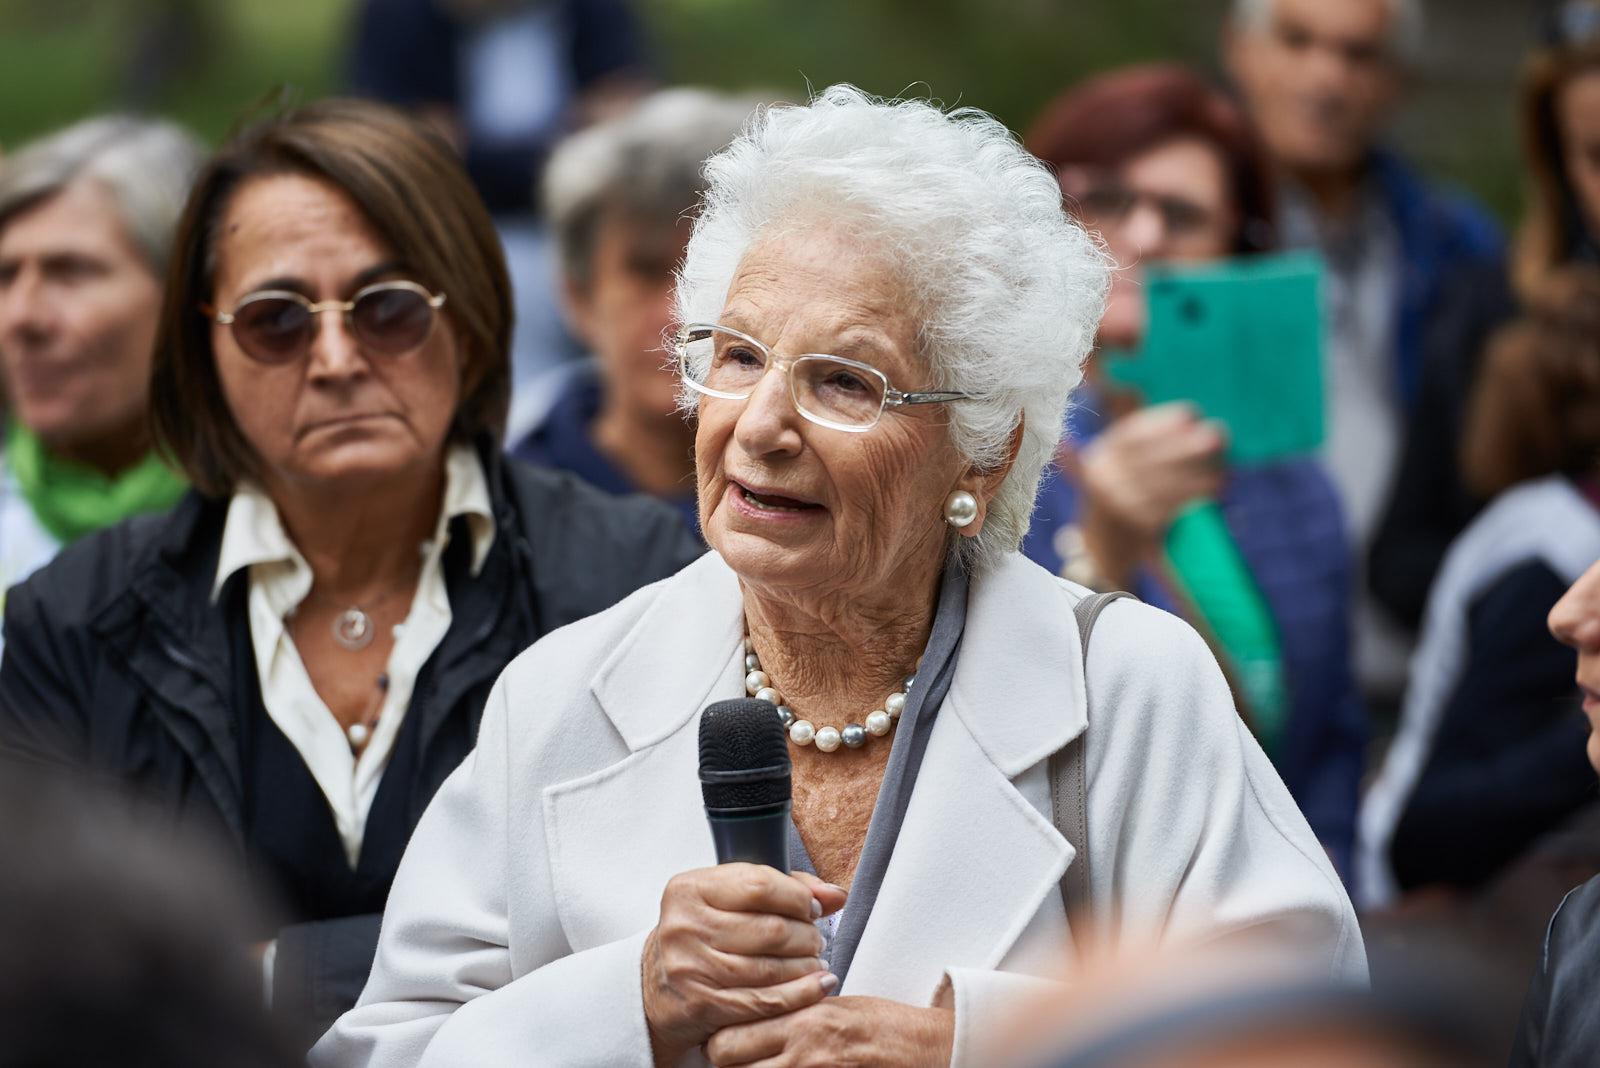 The Life Senator Liliana Segre